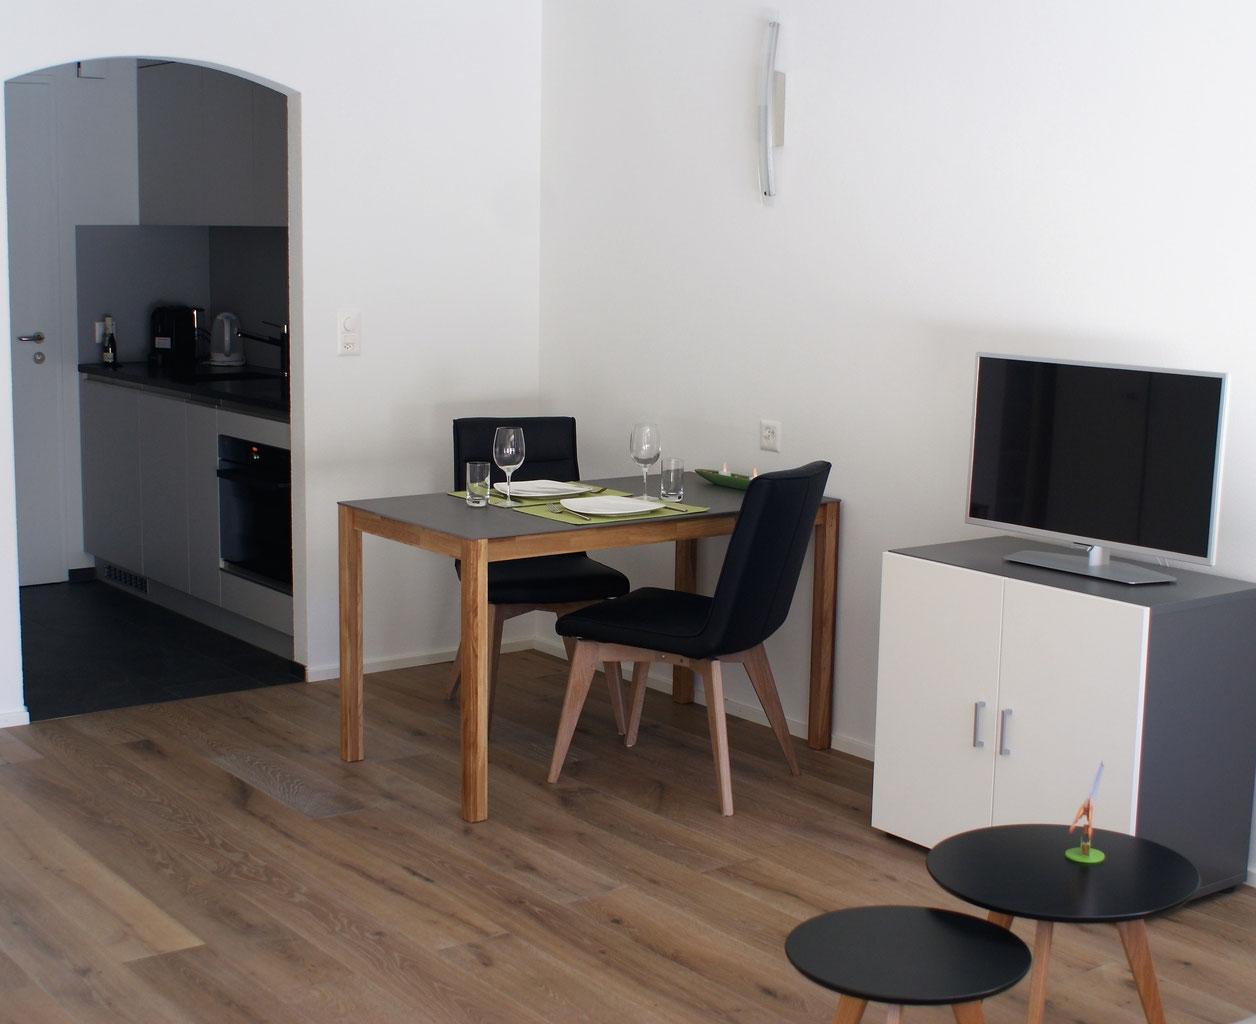 Das Moderne Wohnzimmer Der Ferienwohnung Casa Jenatsch 202 Davos Erholsame Ferien Garantiert